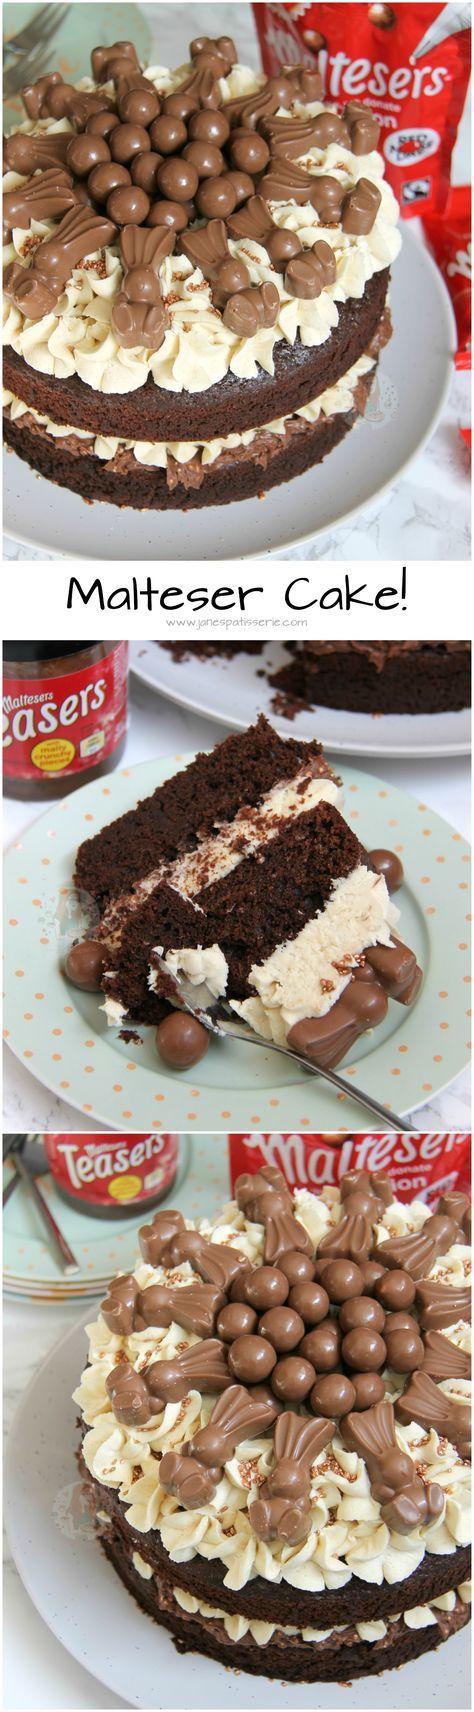 Malteser Cake! ❤️ A Two Layer Chocolate Malt Sponge, with Malteser Spread Filling, Malt Buttercream Frosting, Malteser Bunnies, Maltesers, and Sprinkles! Perfect Malteser Cake for Easter.